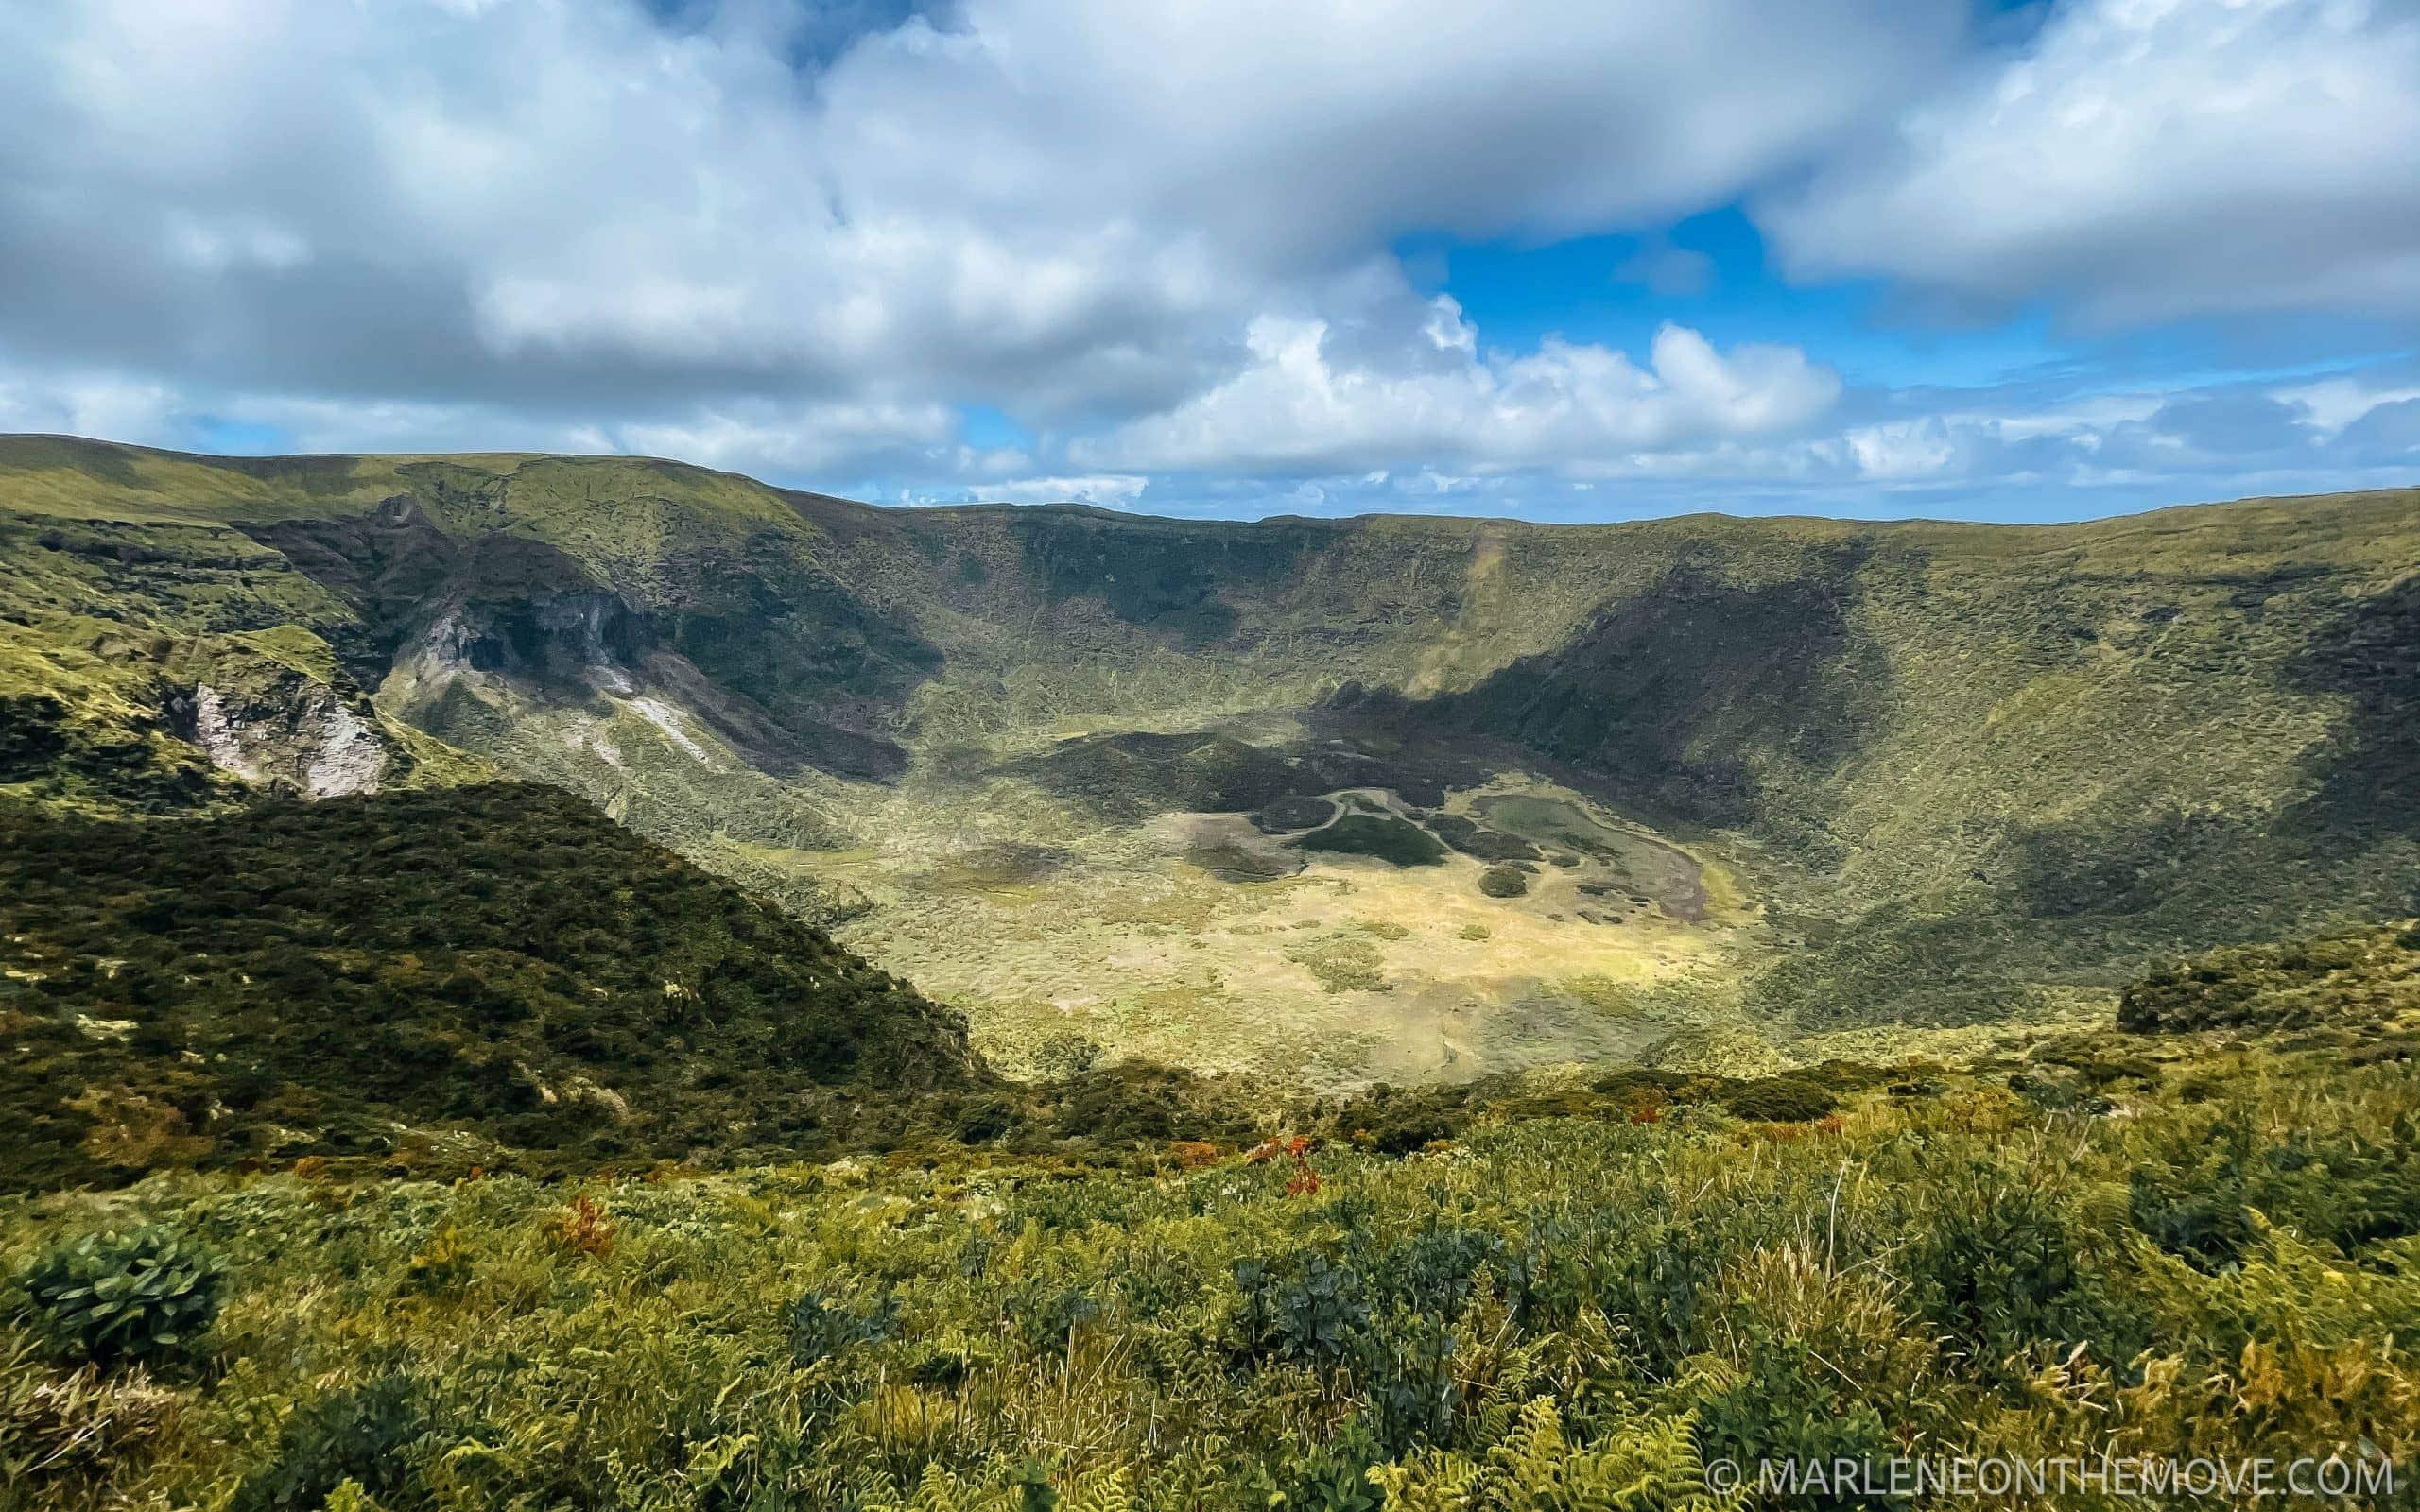 Caldeira do Faial. Faial's crater, Azores